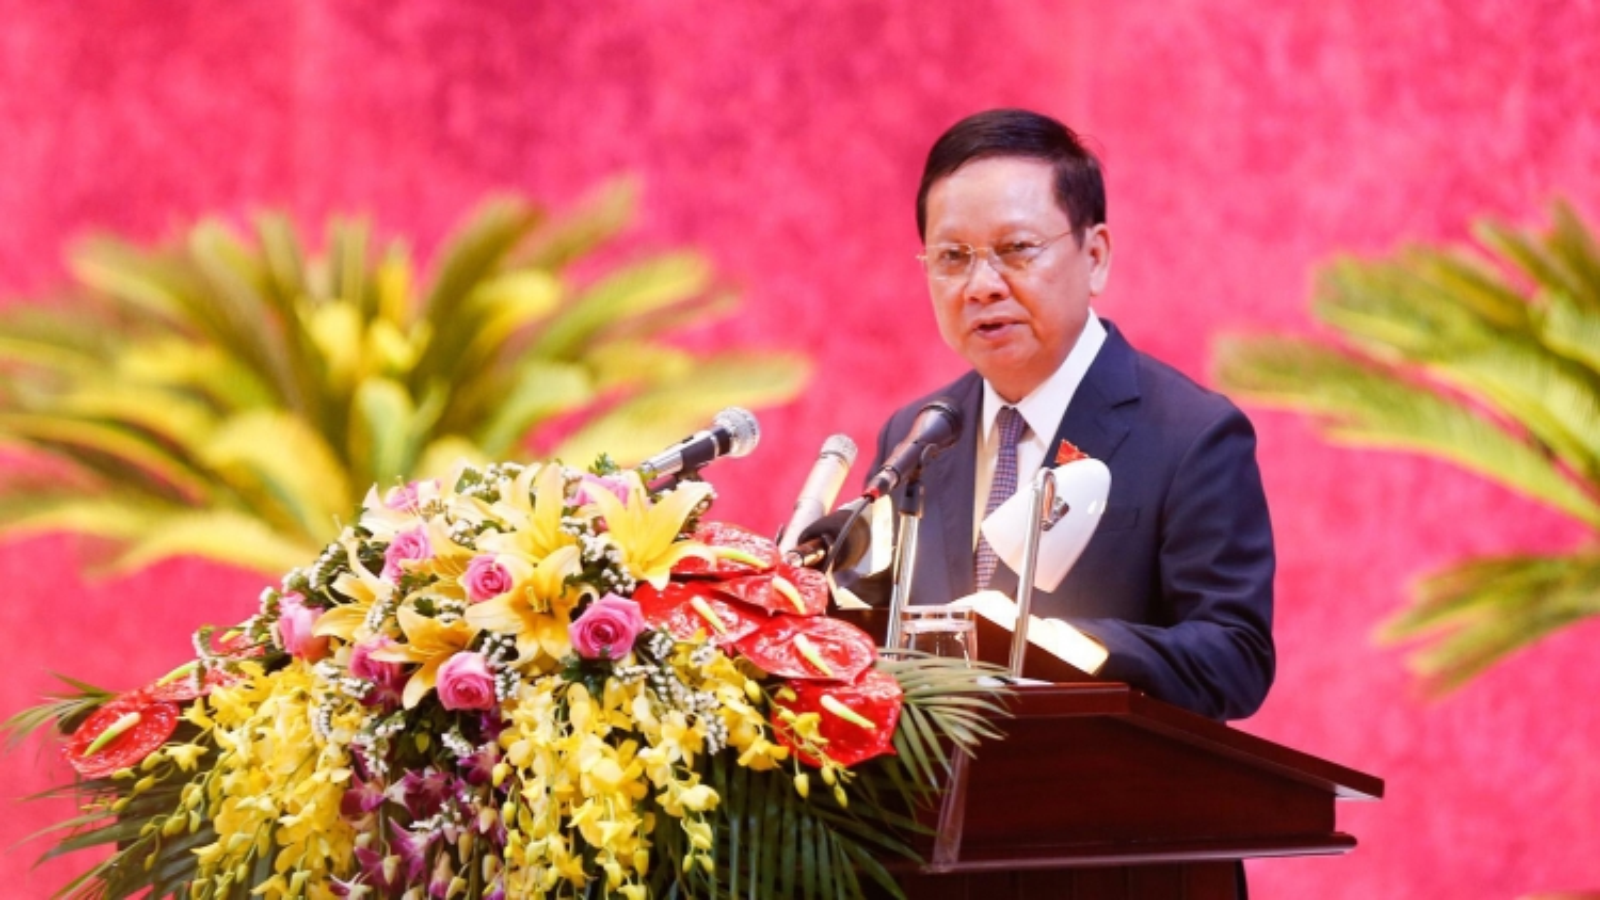 Bí thư Tỉnh ủy Hòa Bình không tham gia Ban Chấp hành Đảng bộ khóa mới